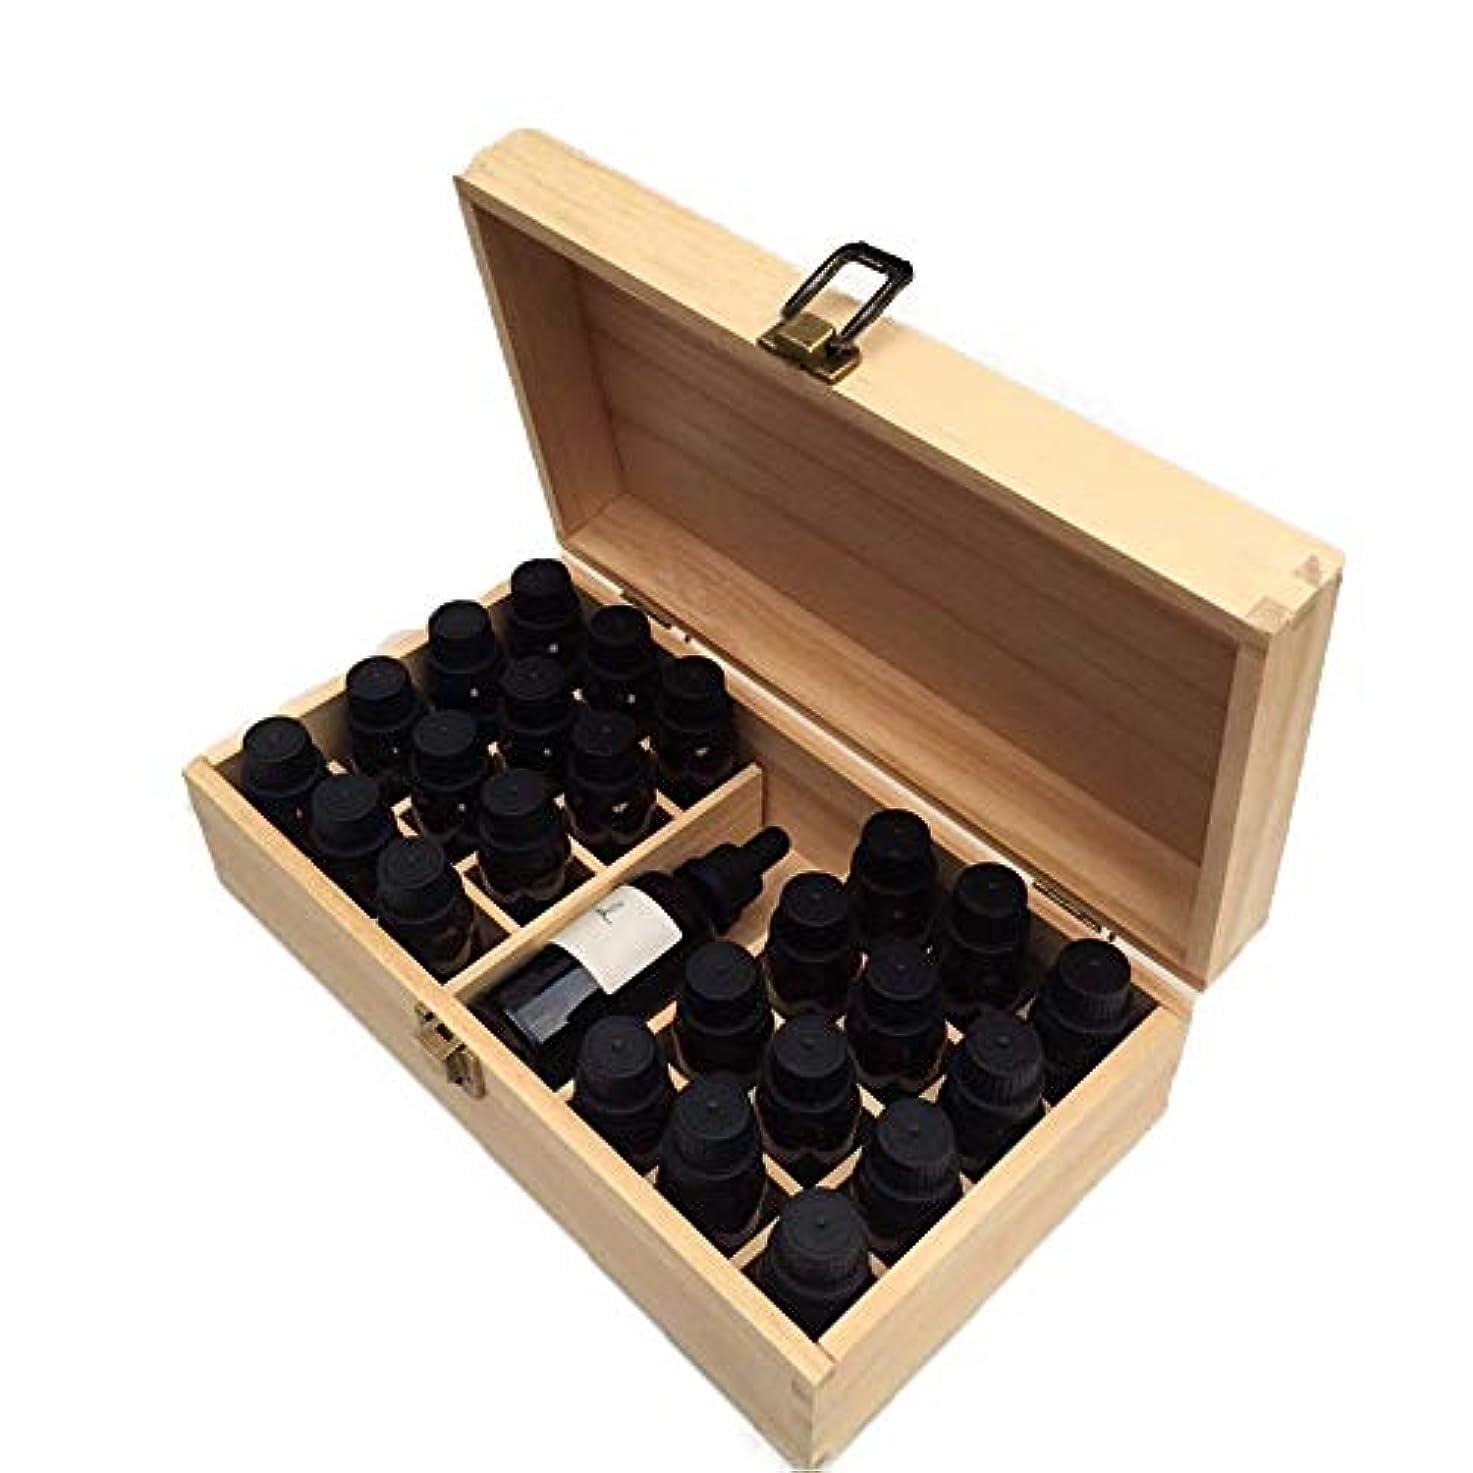 飲み込むアクセス曲線エッセンシャルオイルストレージボックス 25本のボトルストレージボックスでは、安全に油を維持するためのベストのハンドル木製のエッセンシャルオイル 旅行およびプレゼンテーション用 (色 : Natural, サイズ : 27X15X9CM)